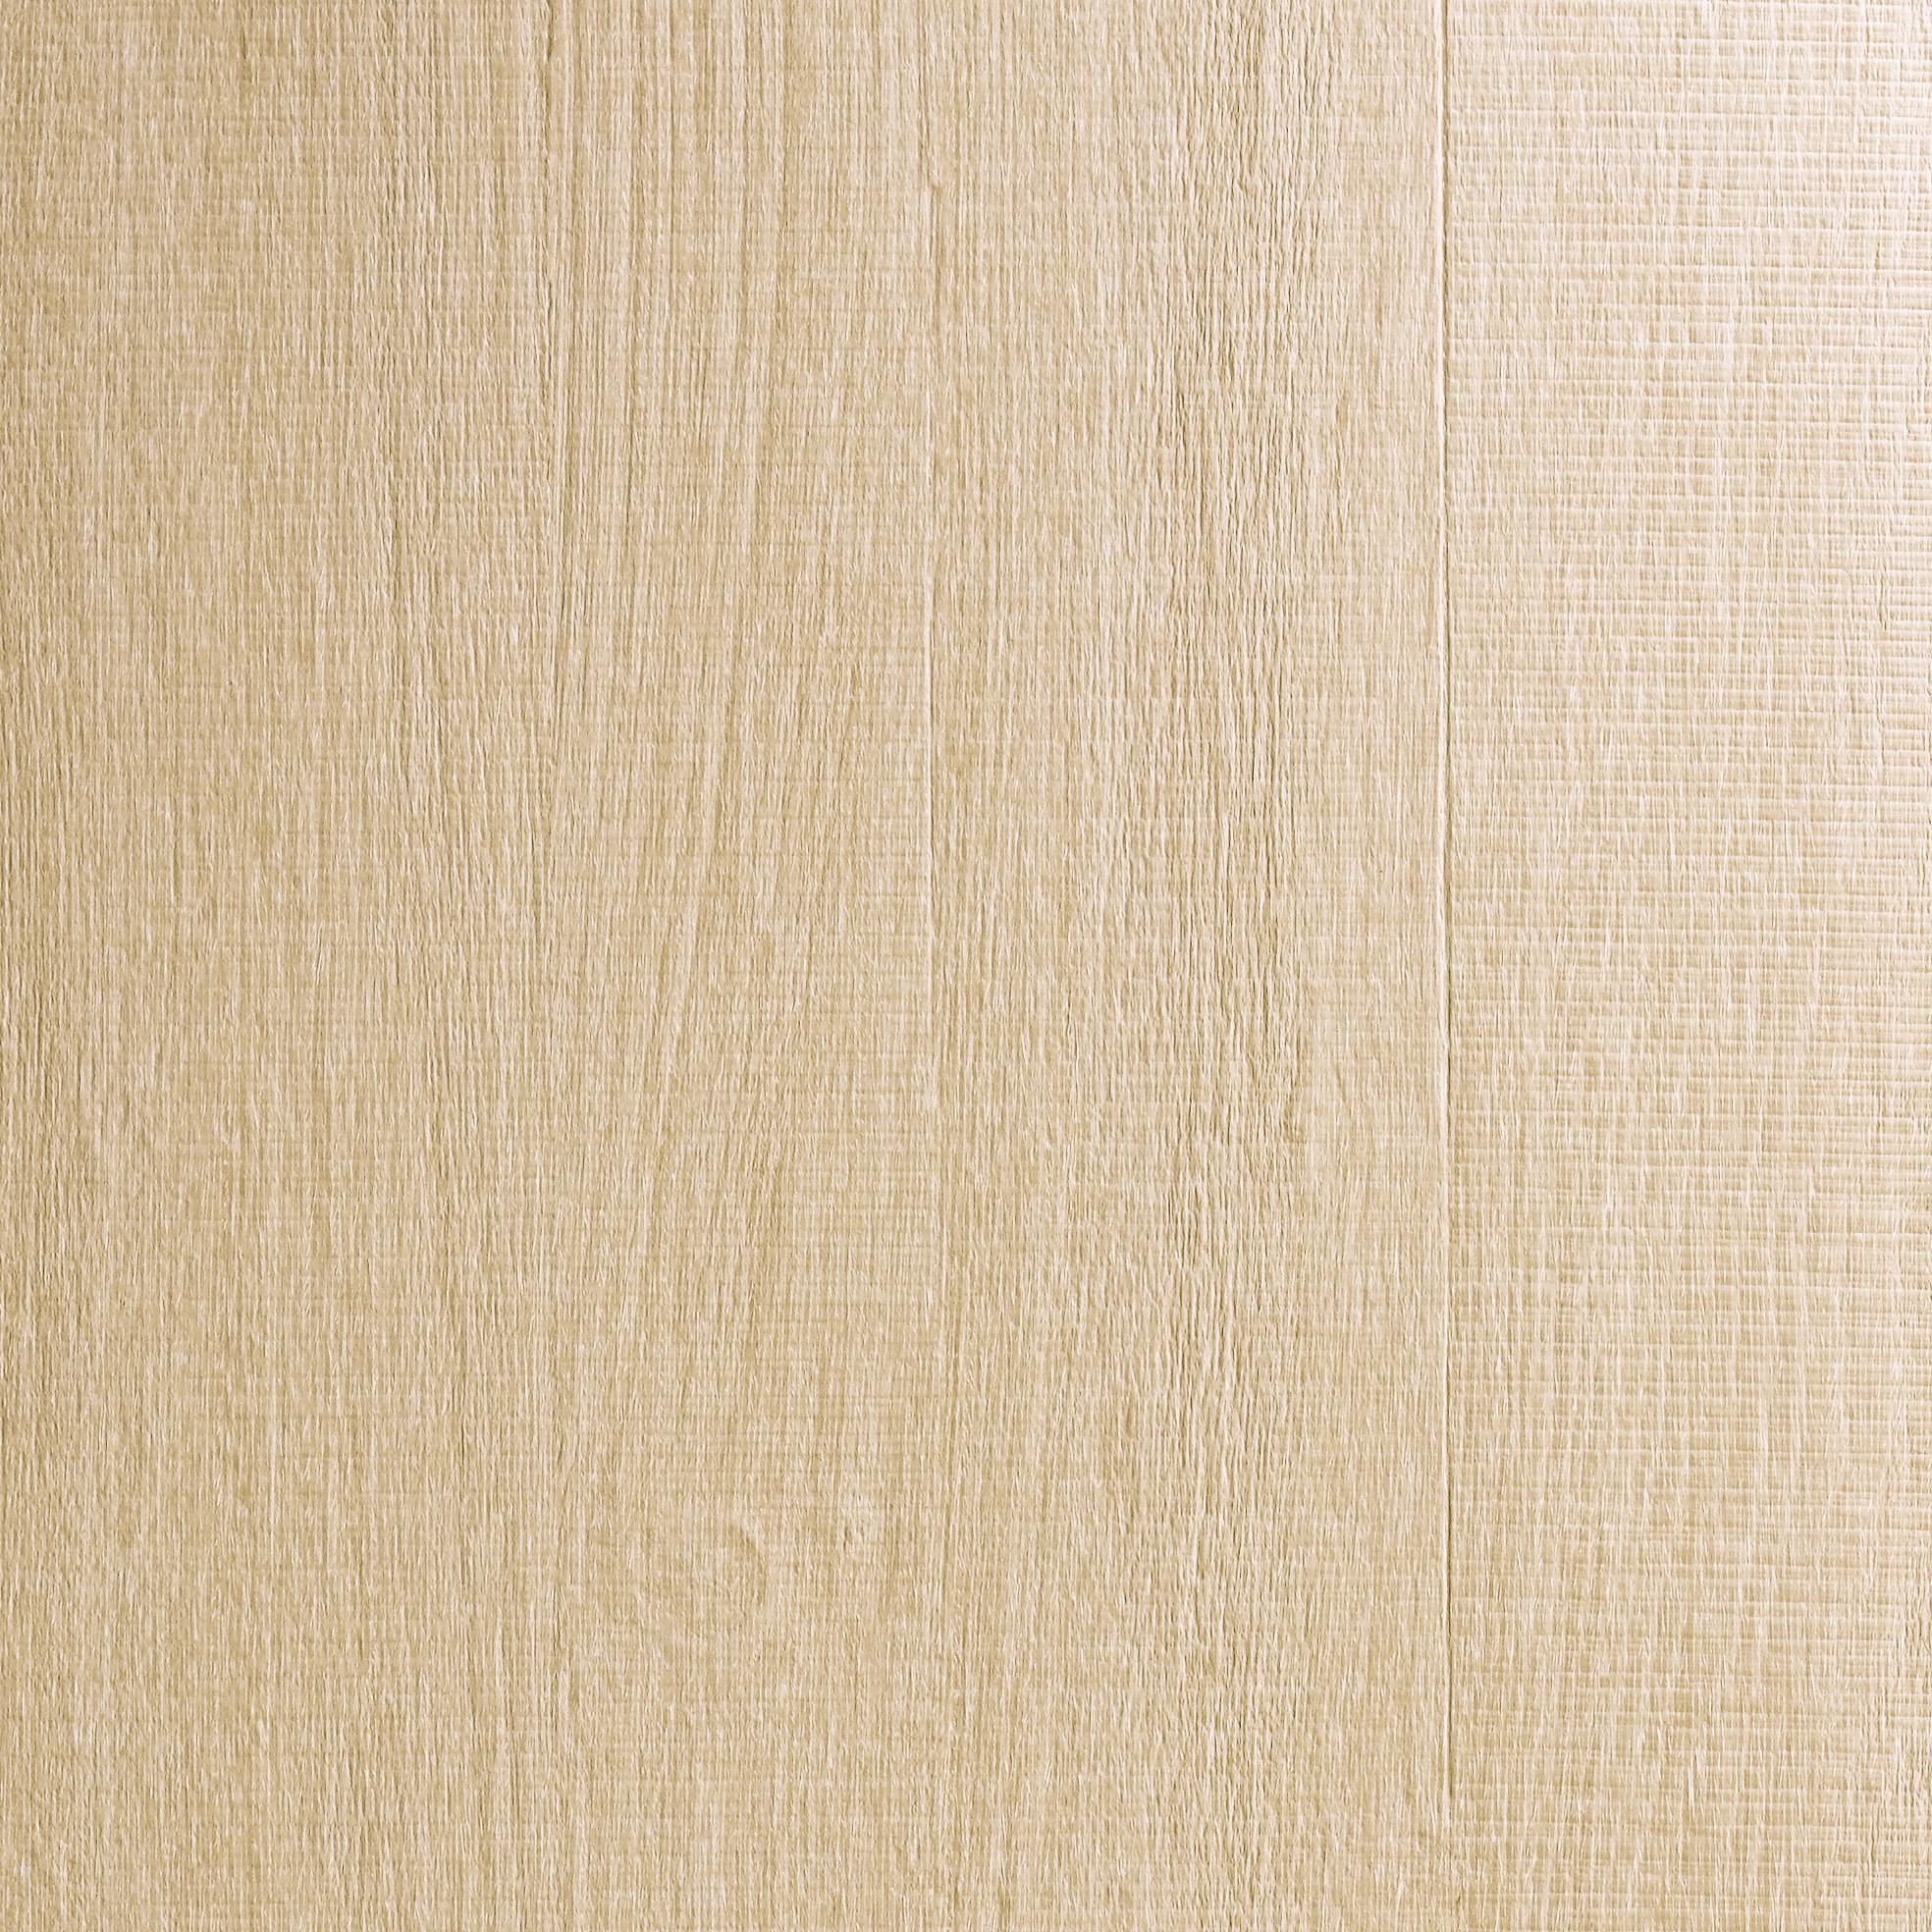 White Oak Roughcut